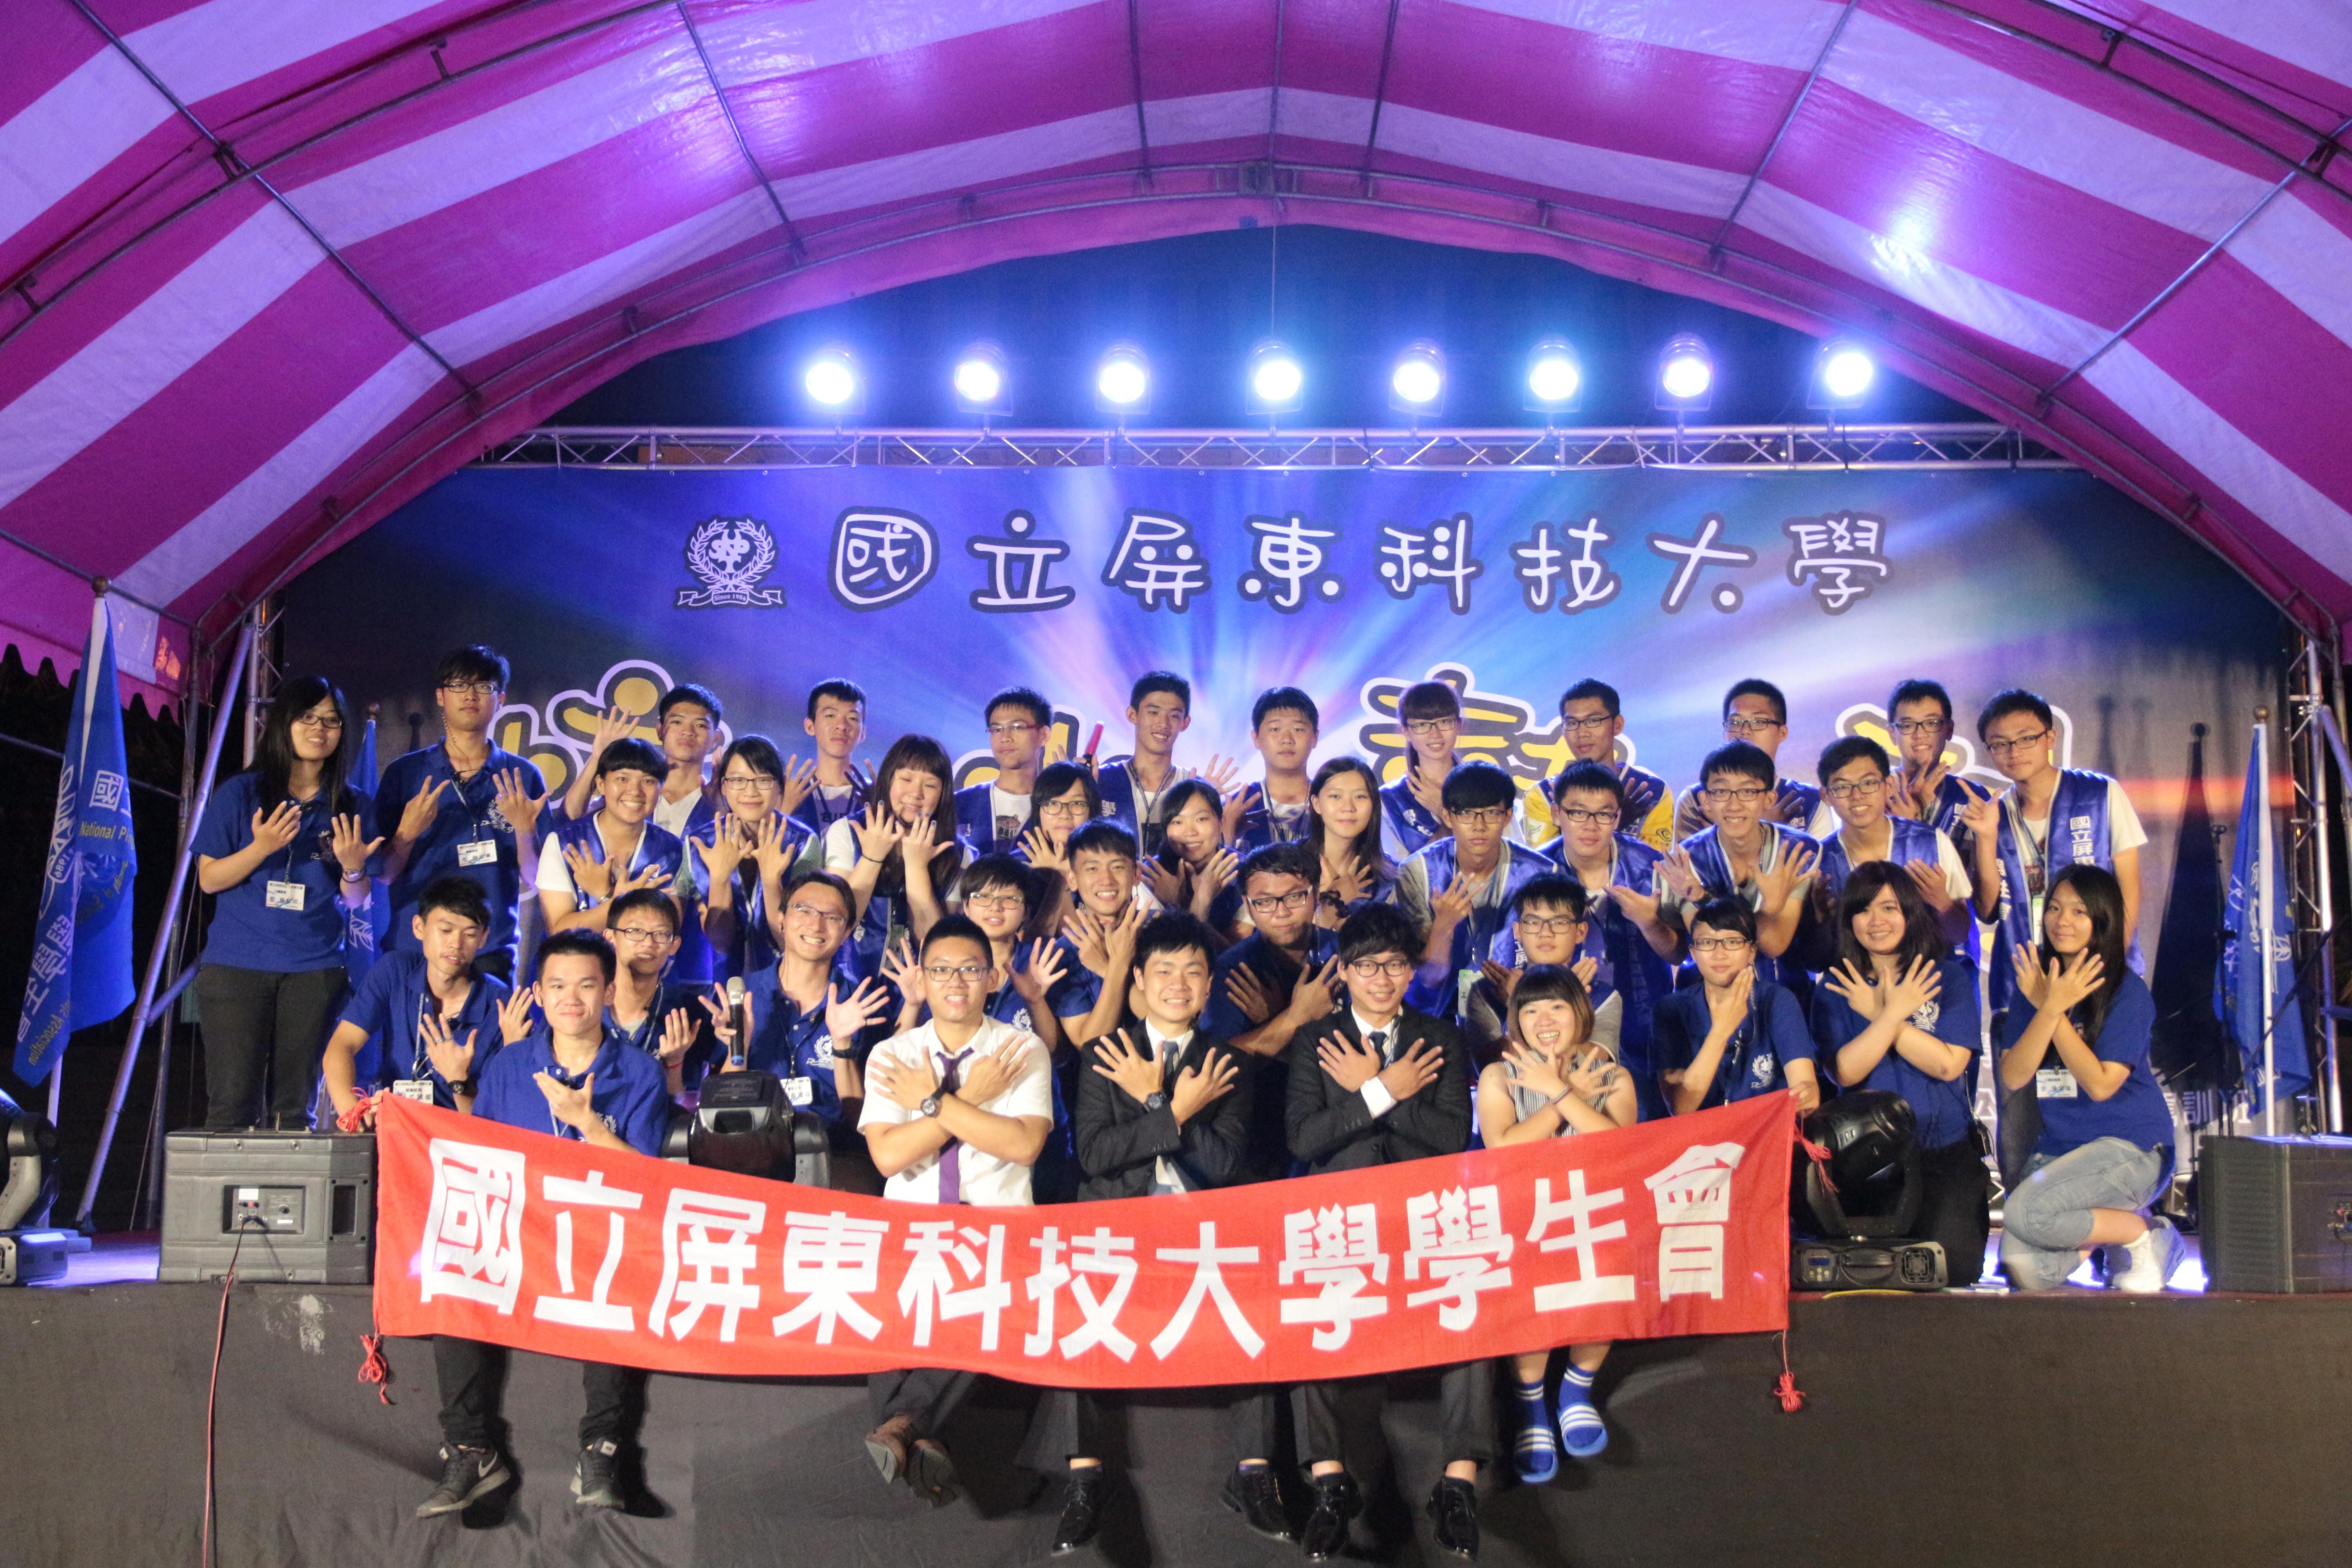 學生會「炫光勢社社團博覽會」